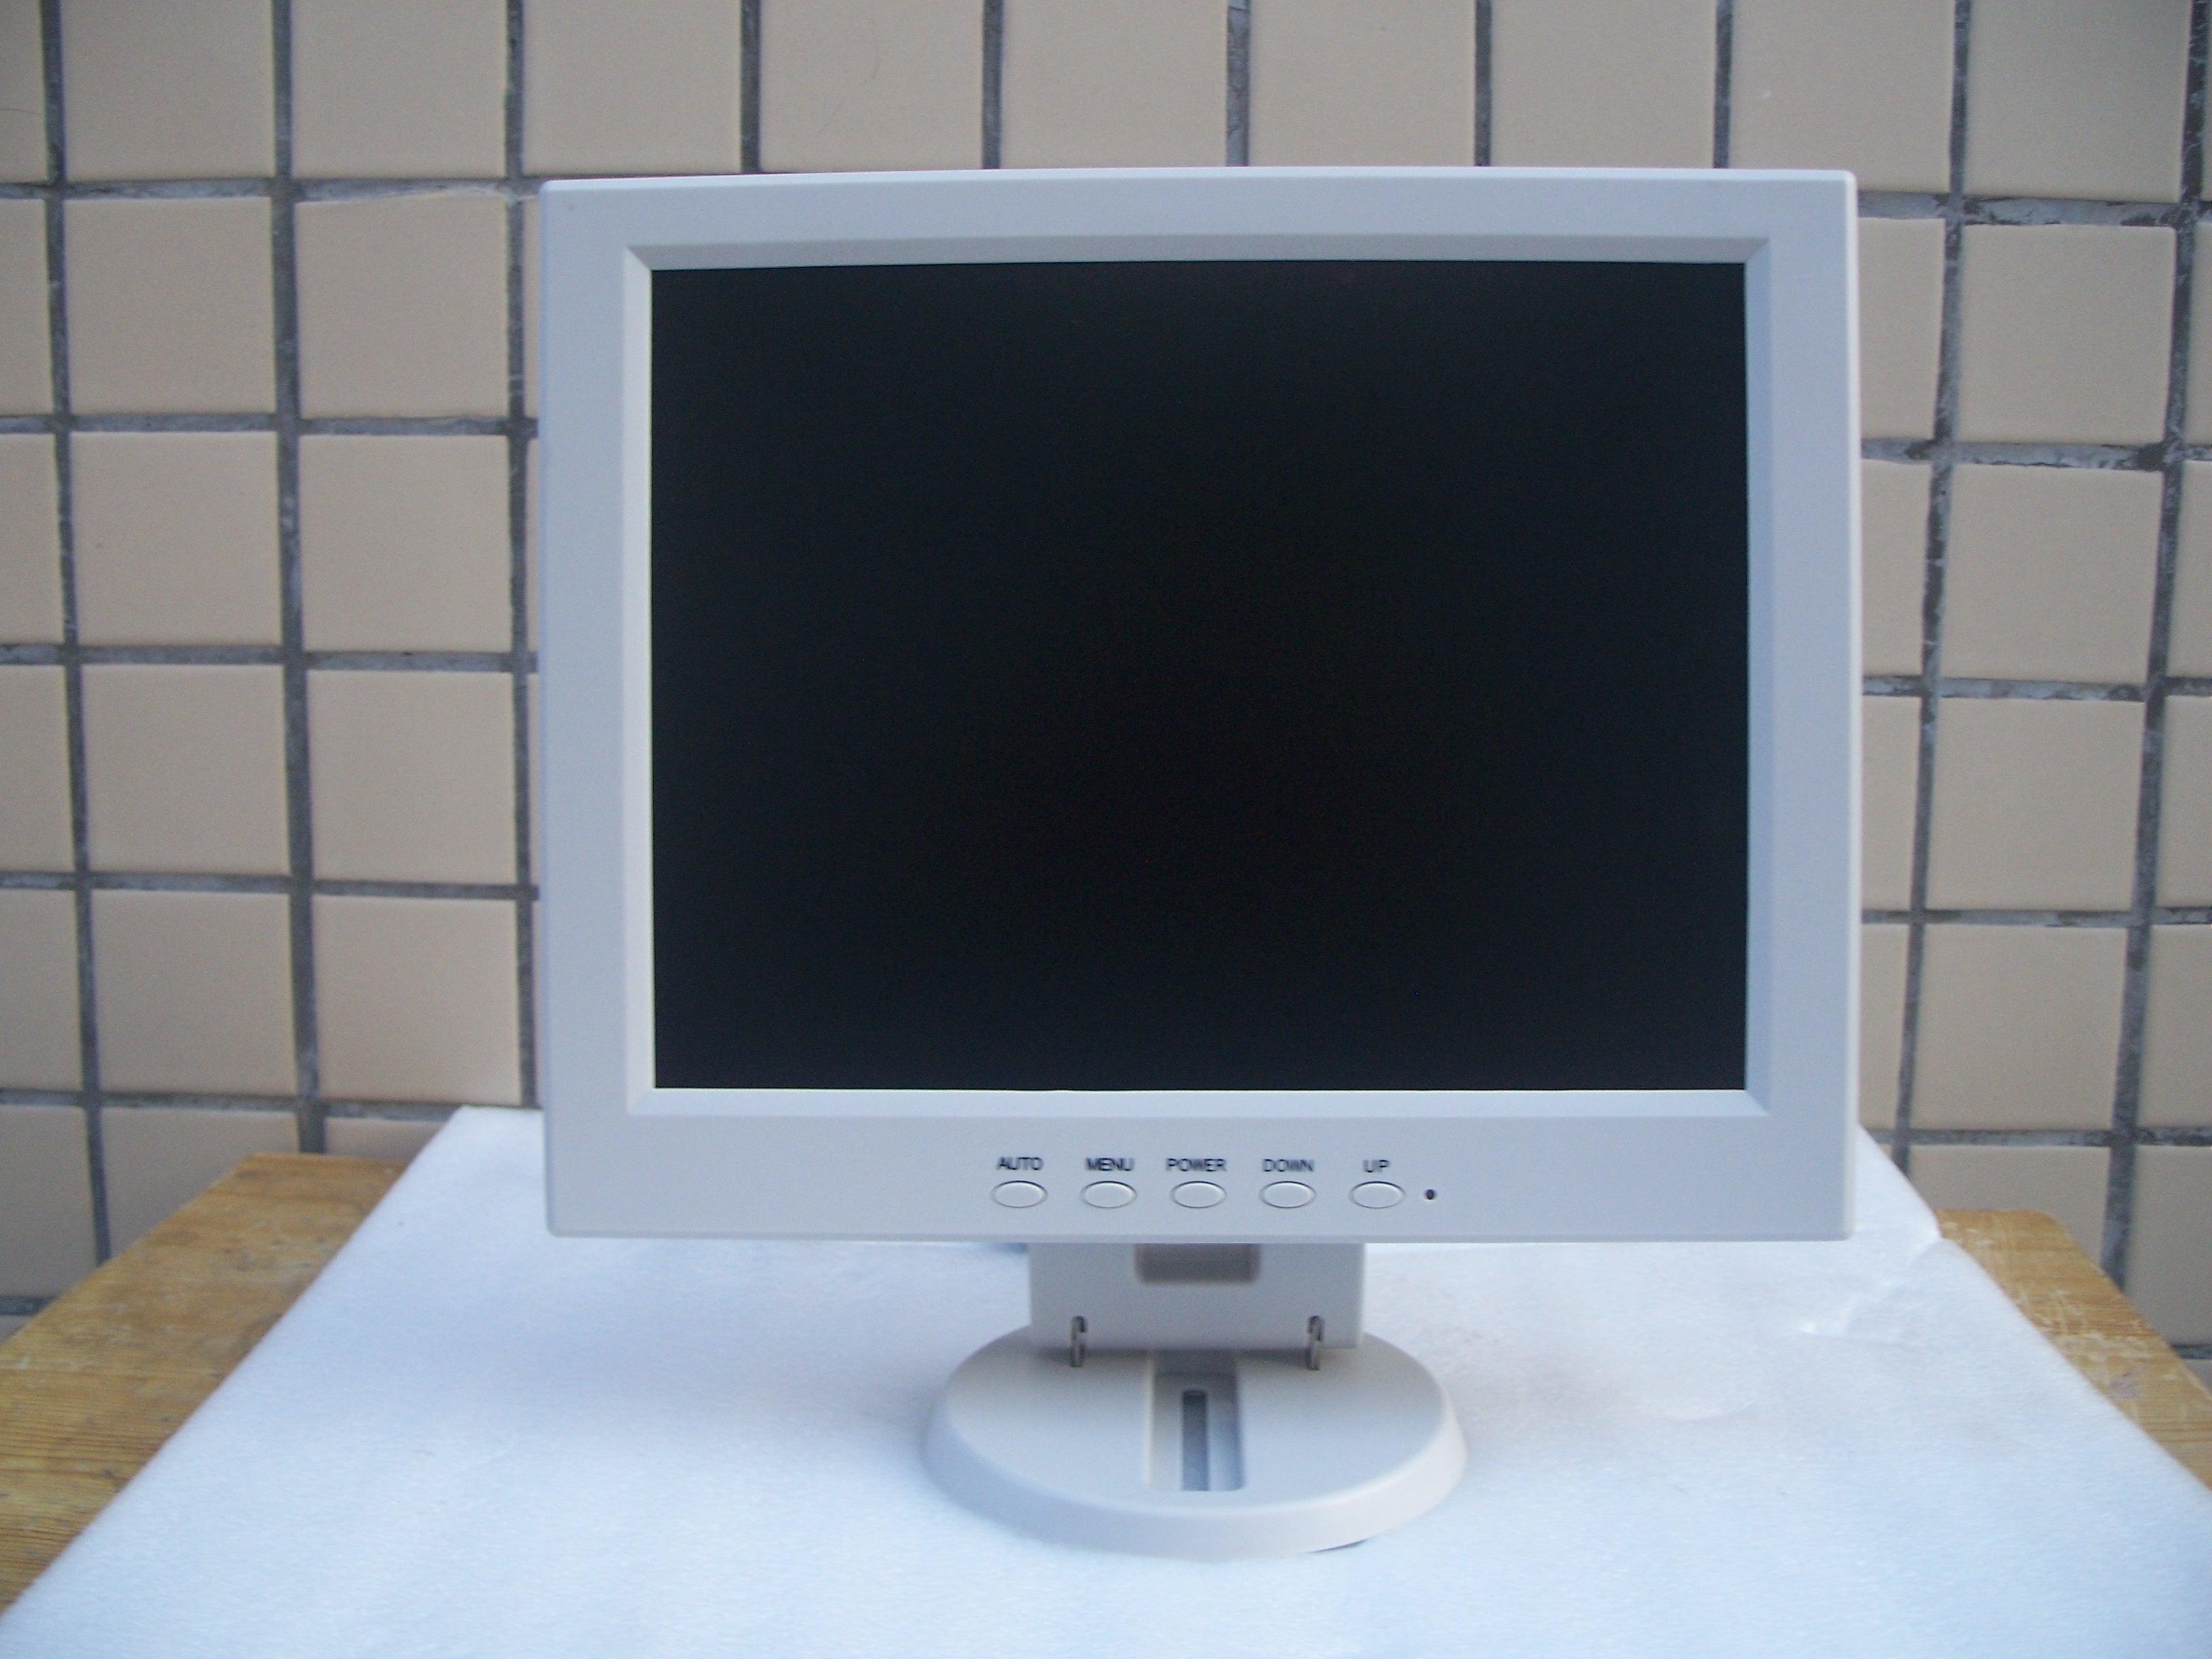 10 дюймовый 12 дюймовым дисплеем 12 дюймовый LED жк дисплей устройство руководитель внимание устройство доход серебро доход устройство для розлива продаётся напрямую с завода